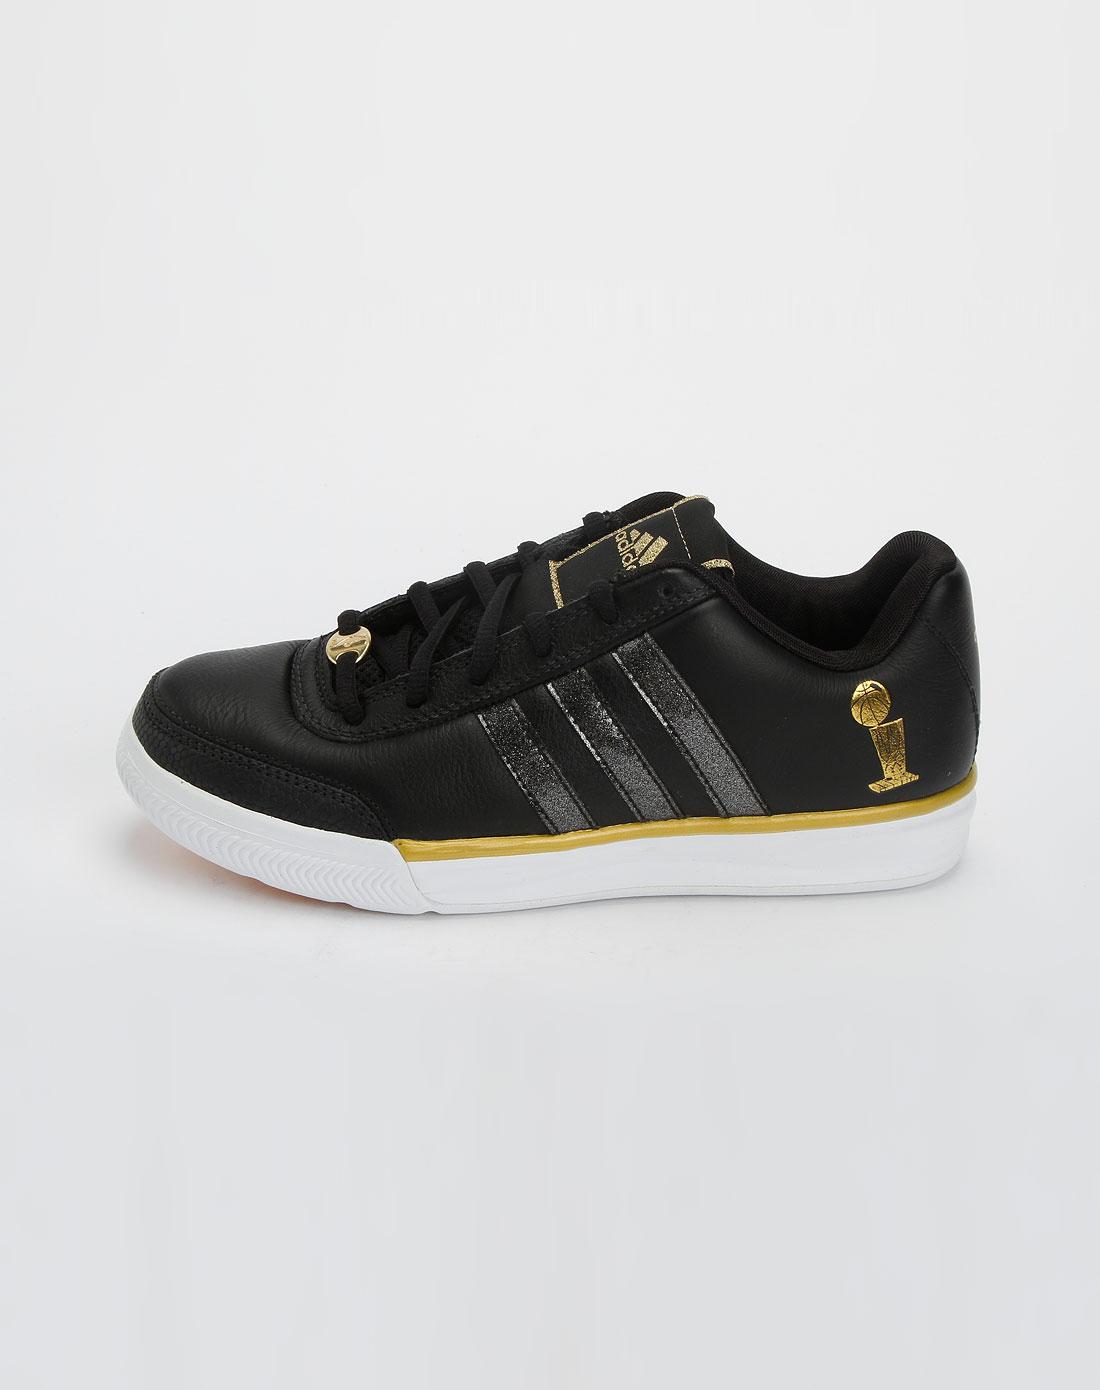 阿迪达斯adidassp 女款黑色个性绑带运动鞋g09104